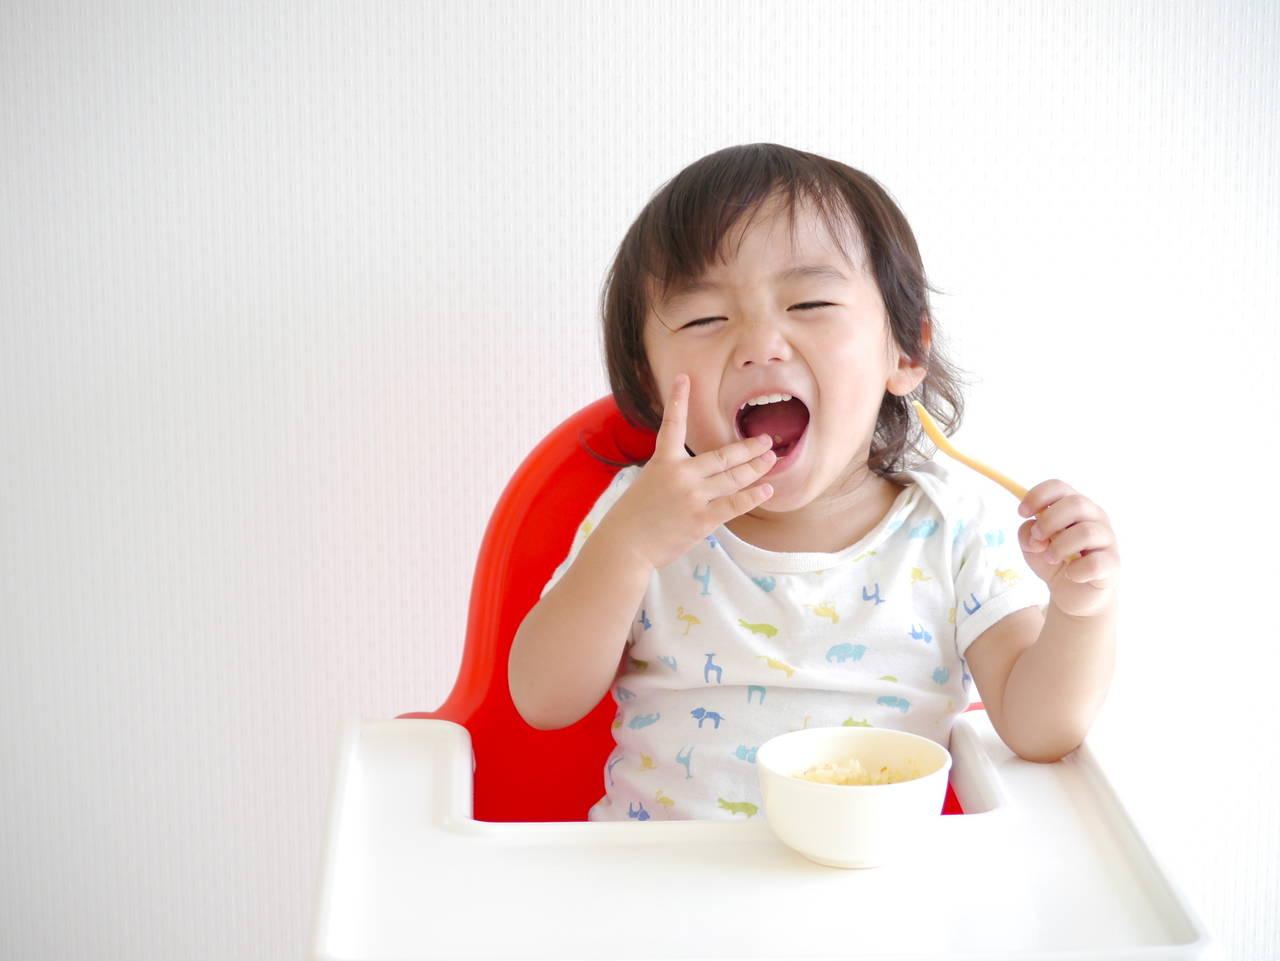 子どもに教えたい食事のマナー。親子で学べる教室とオススメの本